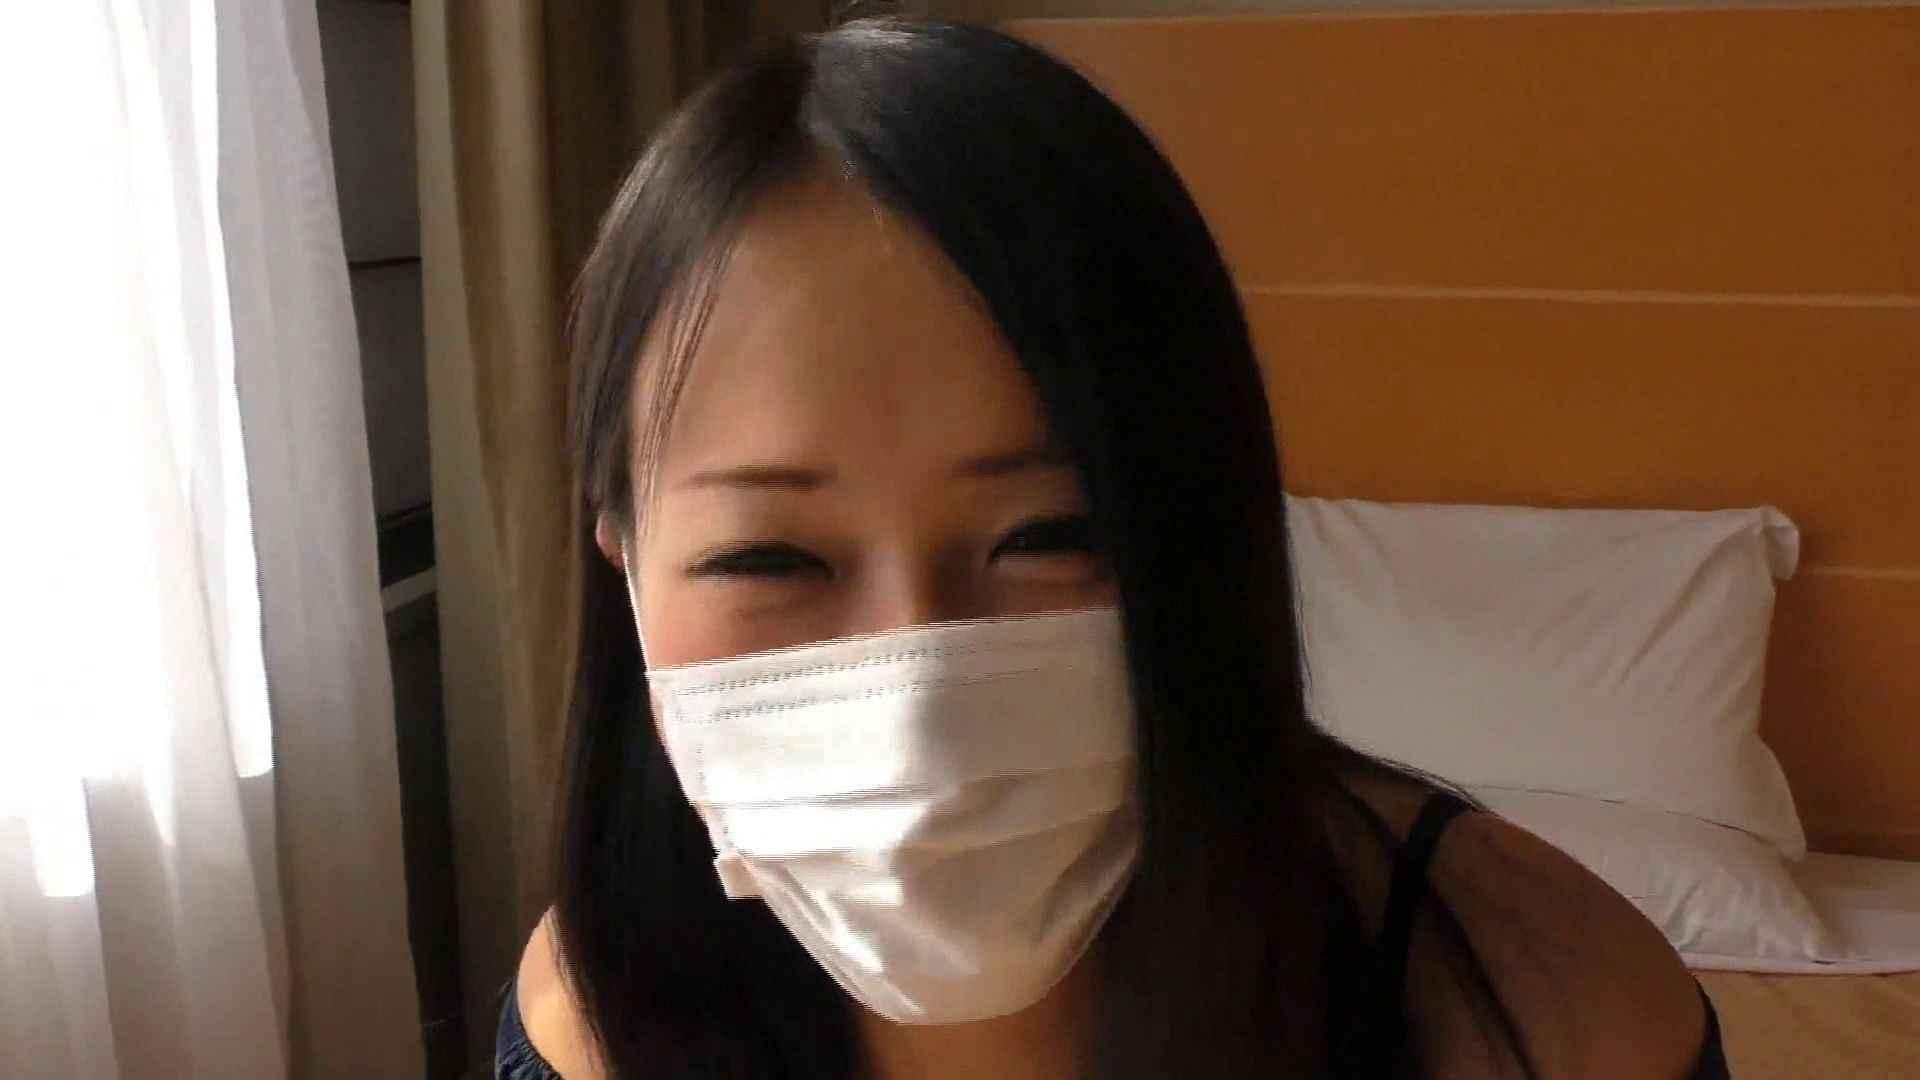 S級厳選美女ビッチガールVol.22 エロティックなOL ワレメ無修正動画無料 61画像 2